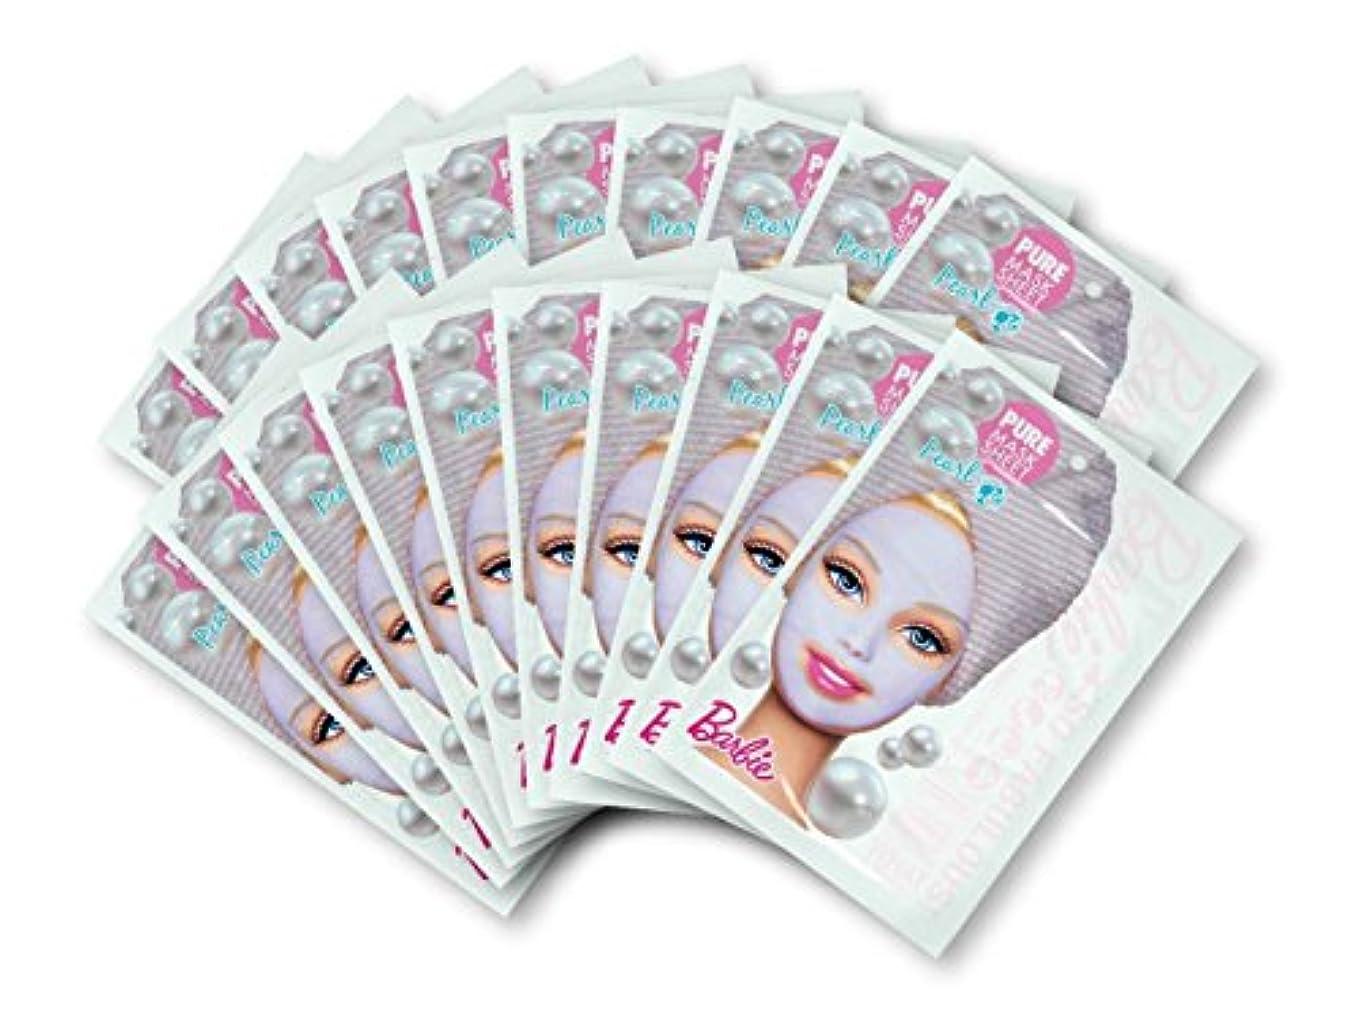 思われる電気技師無能バービー (Barbie) フェイスマスク ピュアマスクシートN (パール) 25ml×20枚入り [保湿] 顔 シートマスク フェイスパック